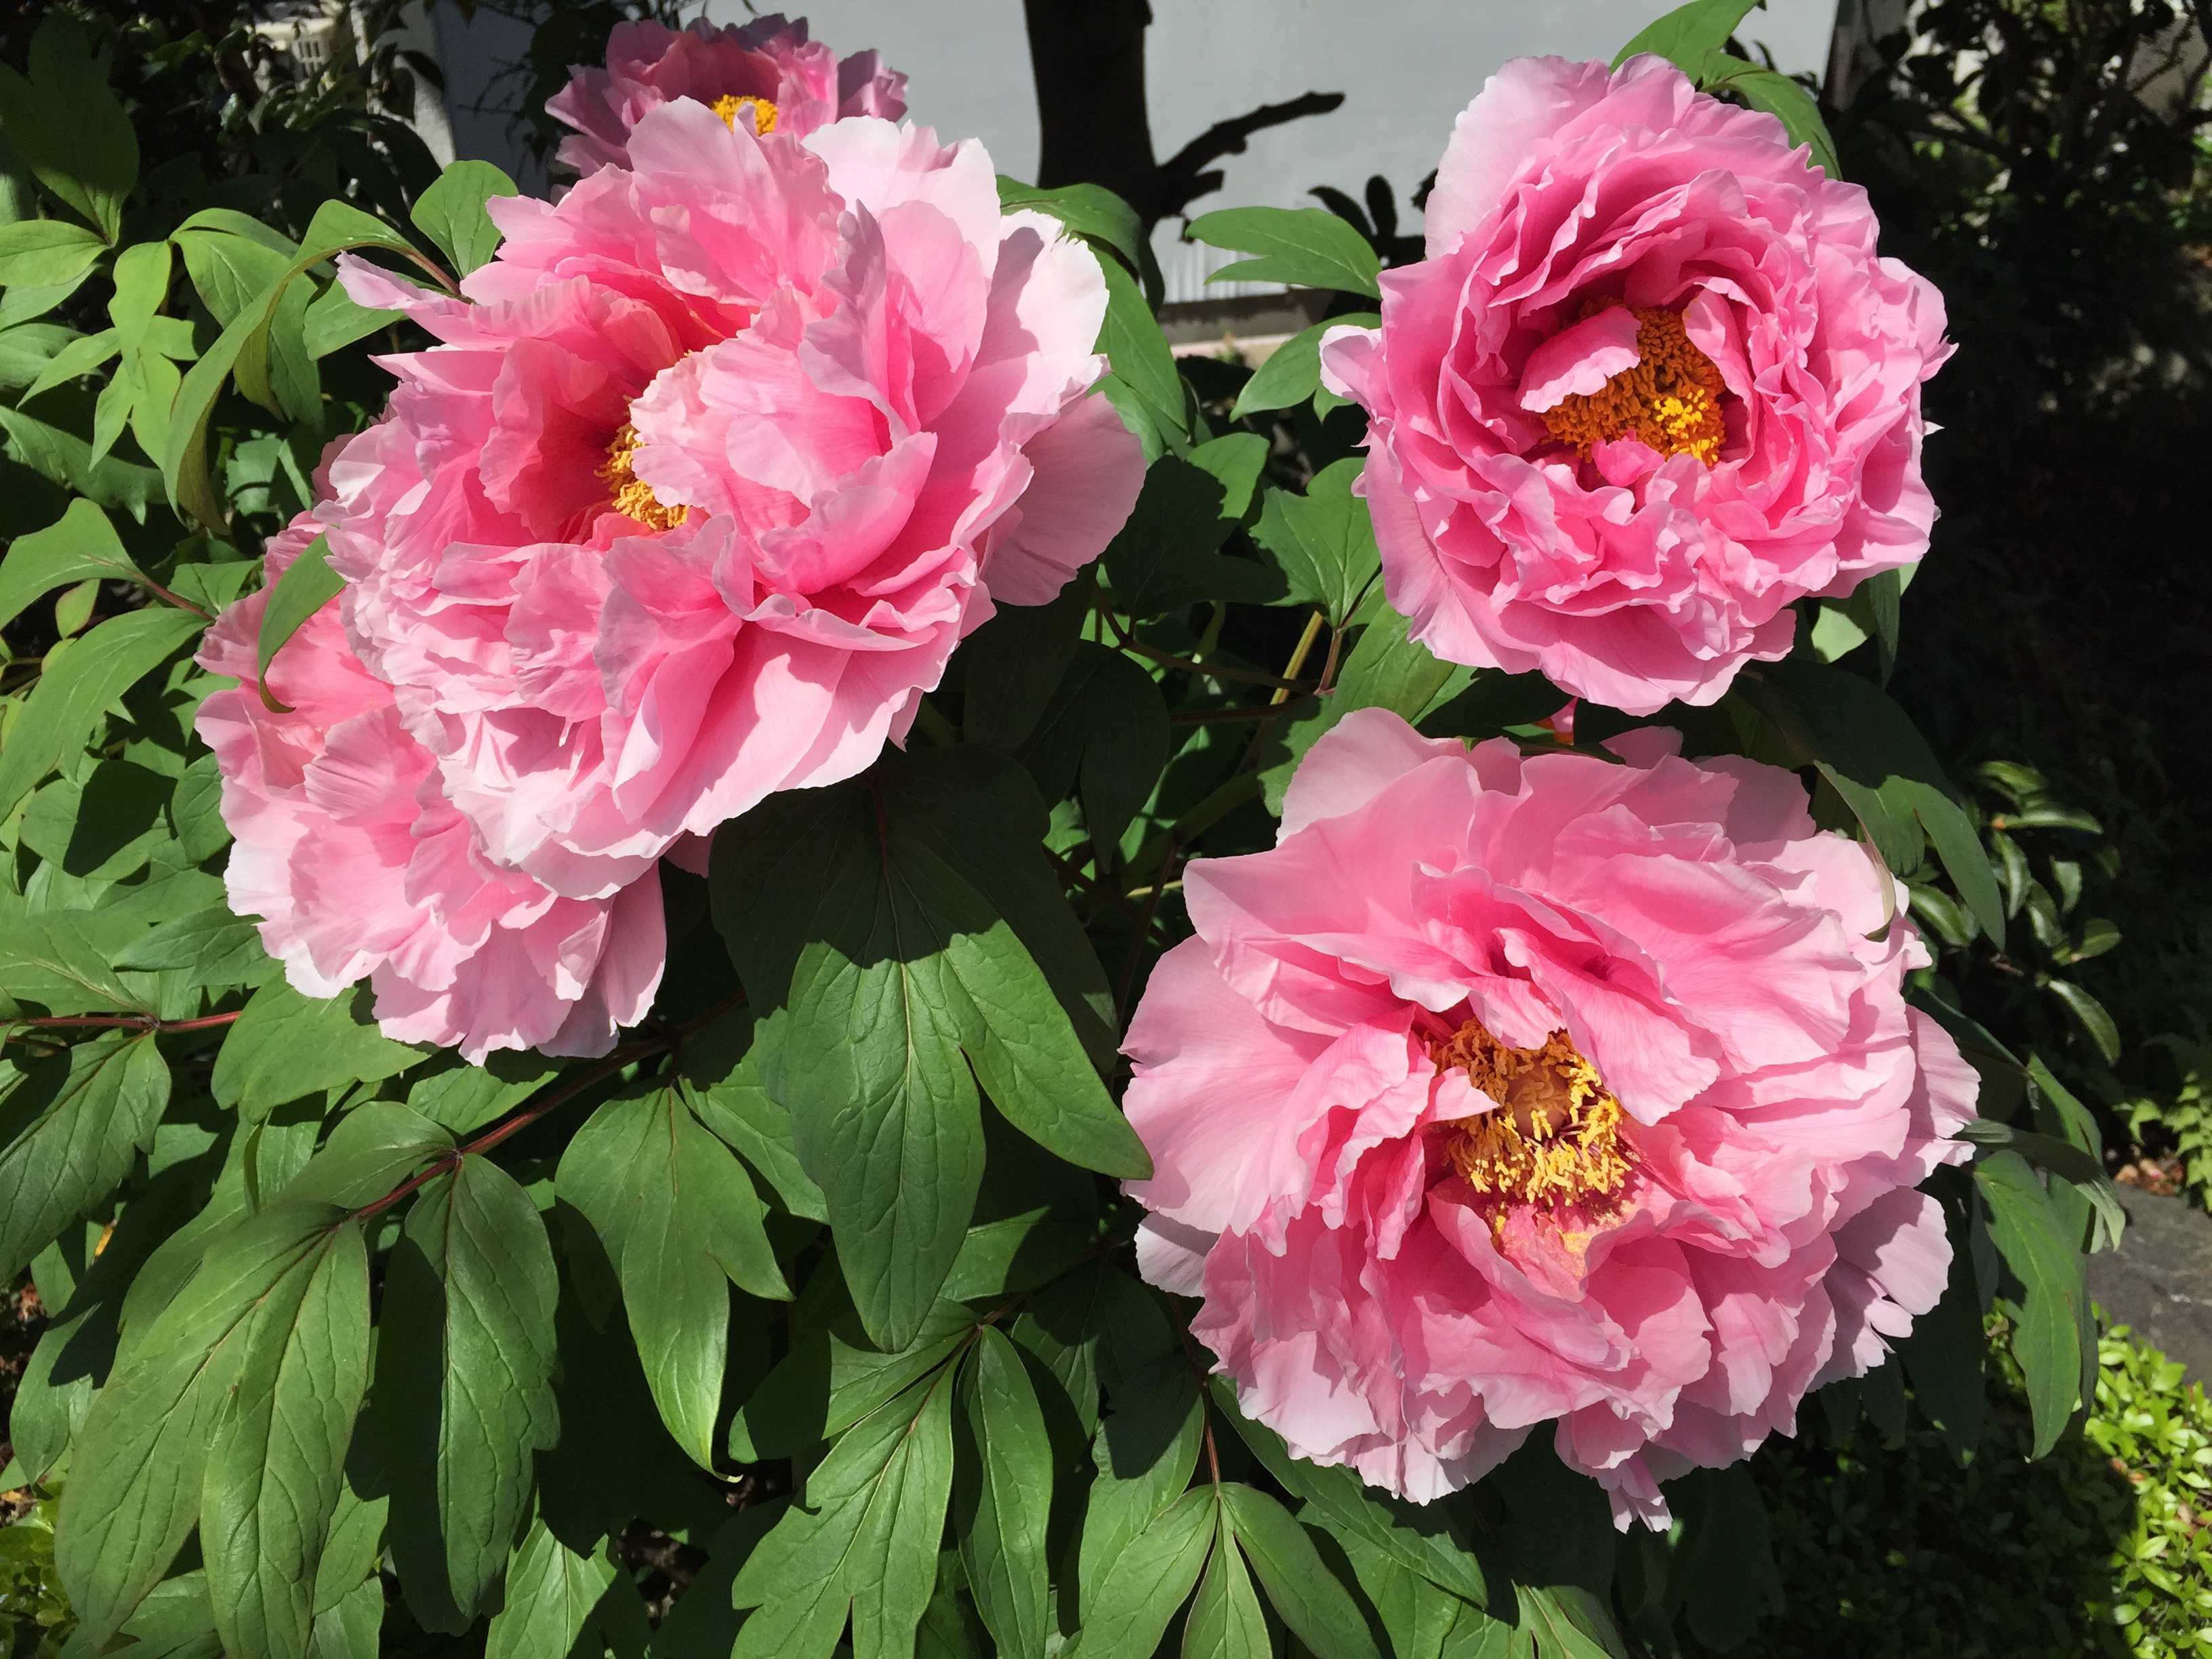 咲き誇る牡丹の大輪の花